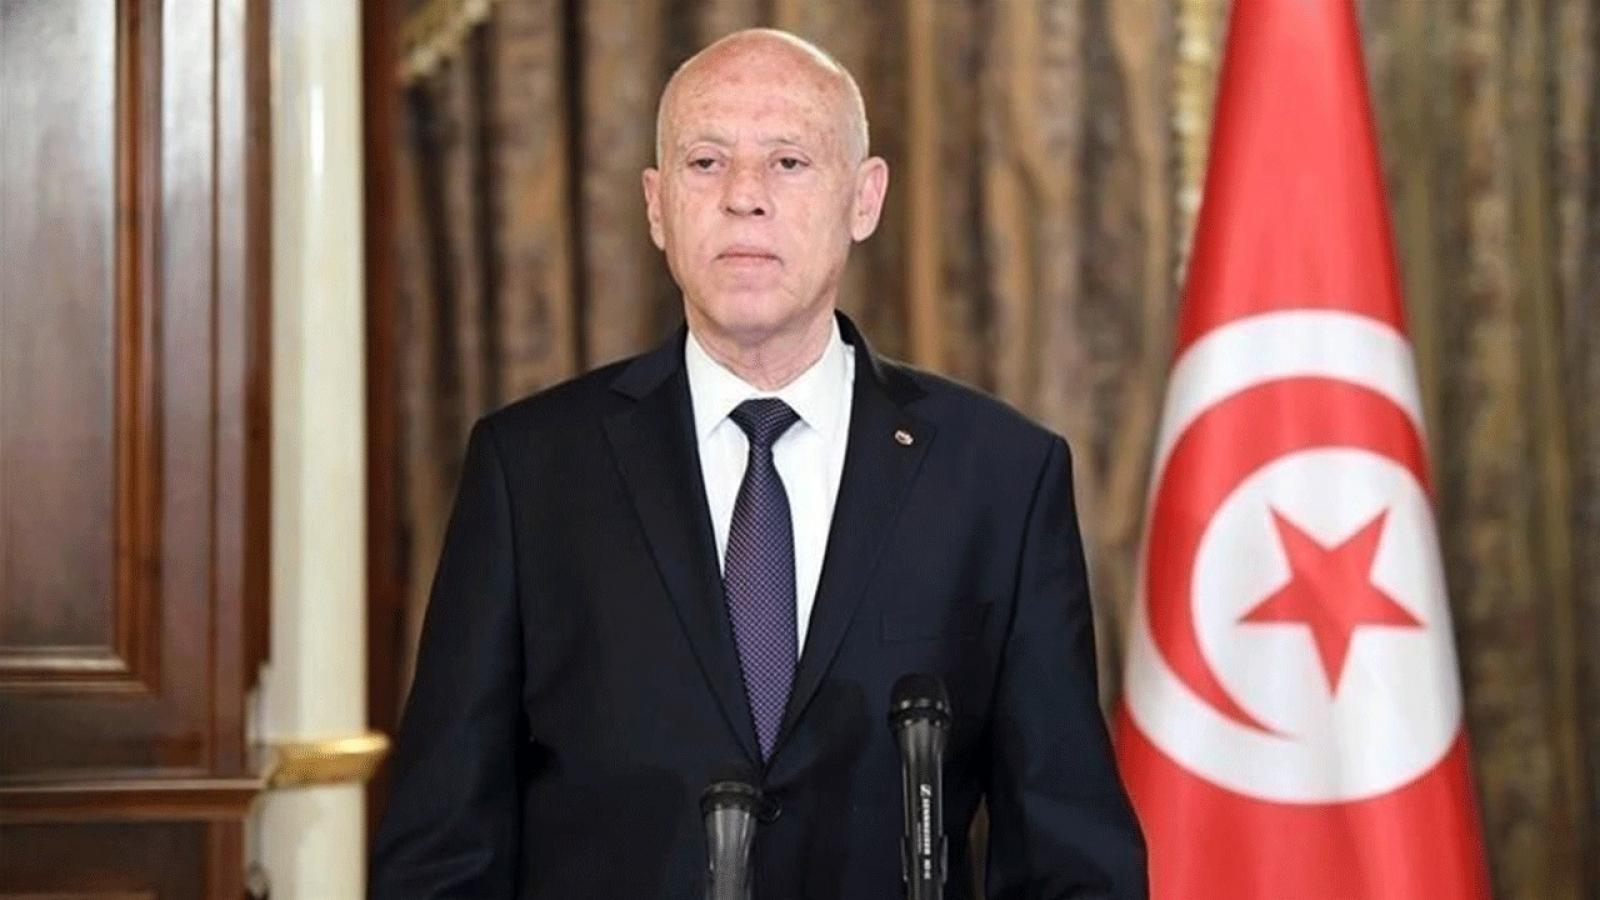 Tổng thống Tunisia gia hạn tình trạng khẩn cấp thêm 6 tháng